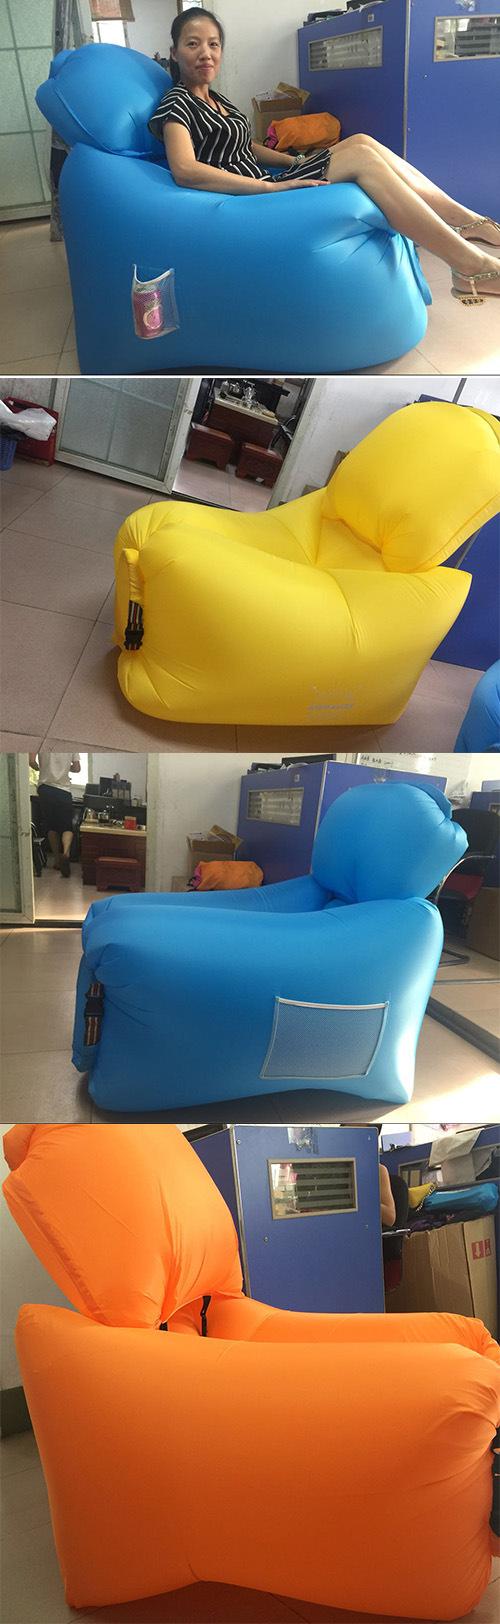 Lamzac Hangout Kaisr Inflated Sleeping Bag Air Lounge Beach Bed Sleeping Bed Lamzac Hangout